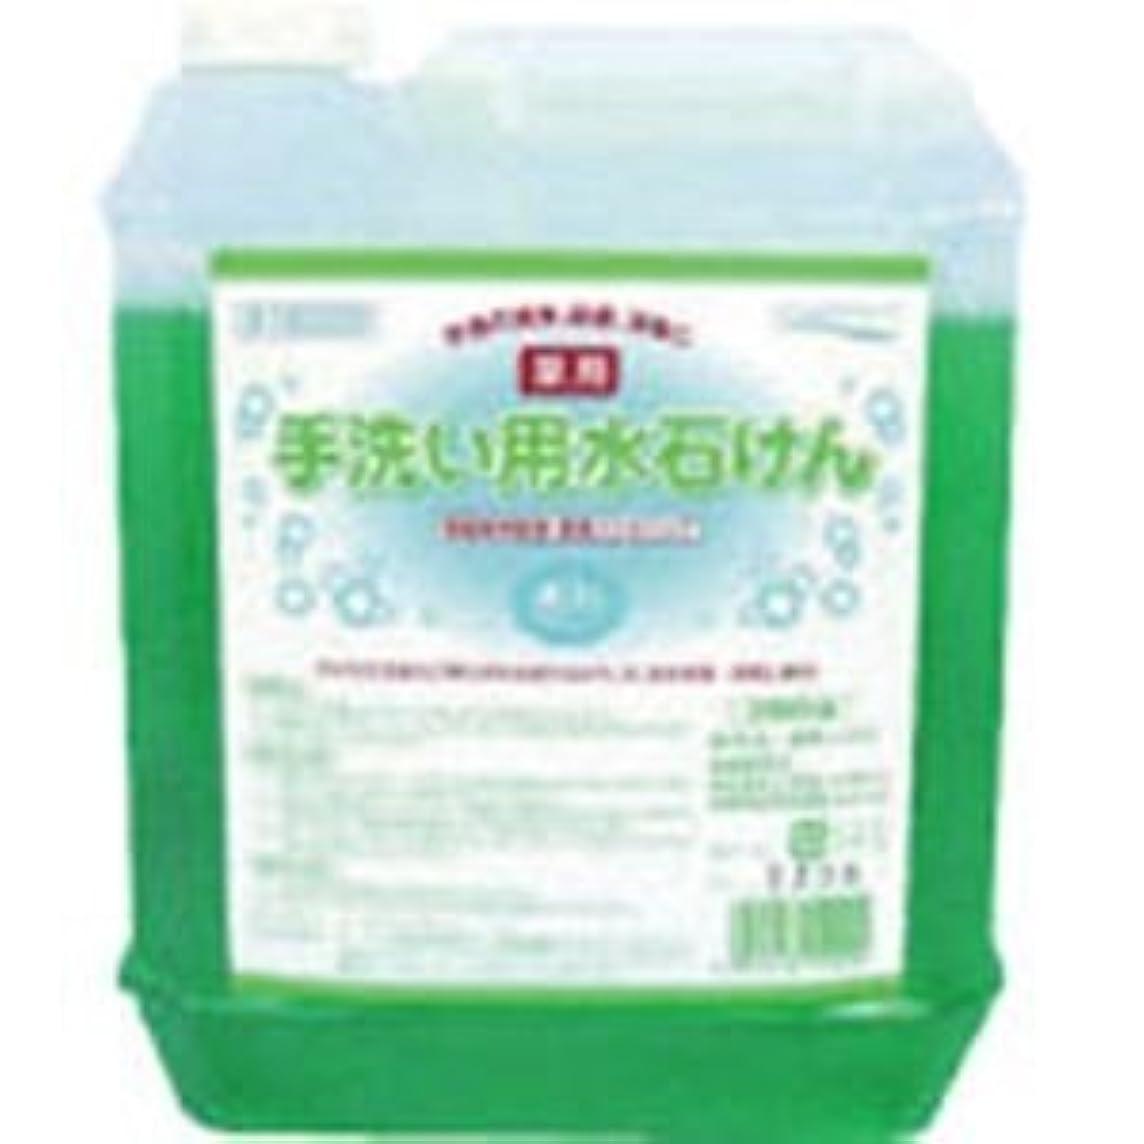 ステッチ拡大するコンパイル医薬部外品 泡タイプの薬用ハンドソープ 手洗い用水石けん5L×4個セット 15029-4